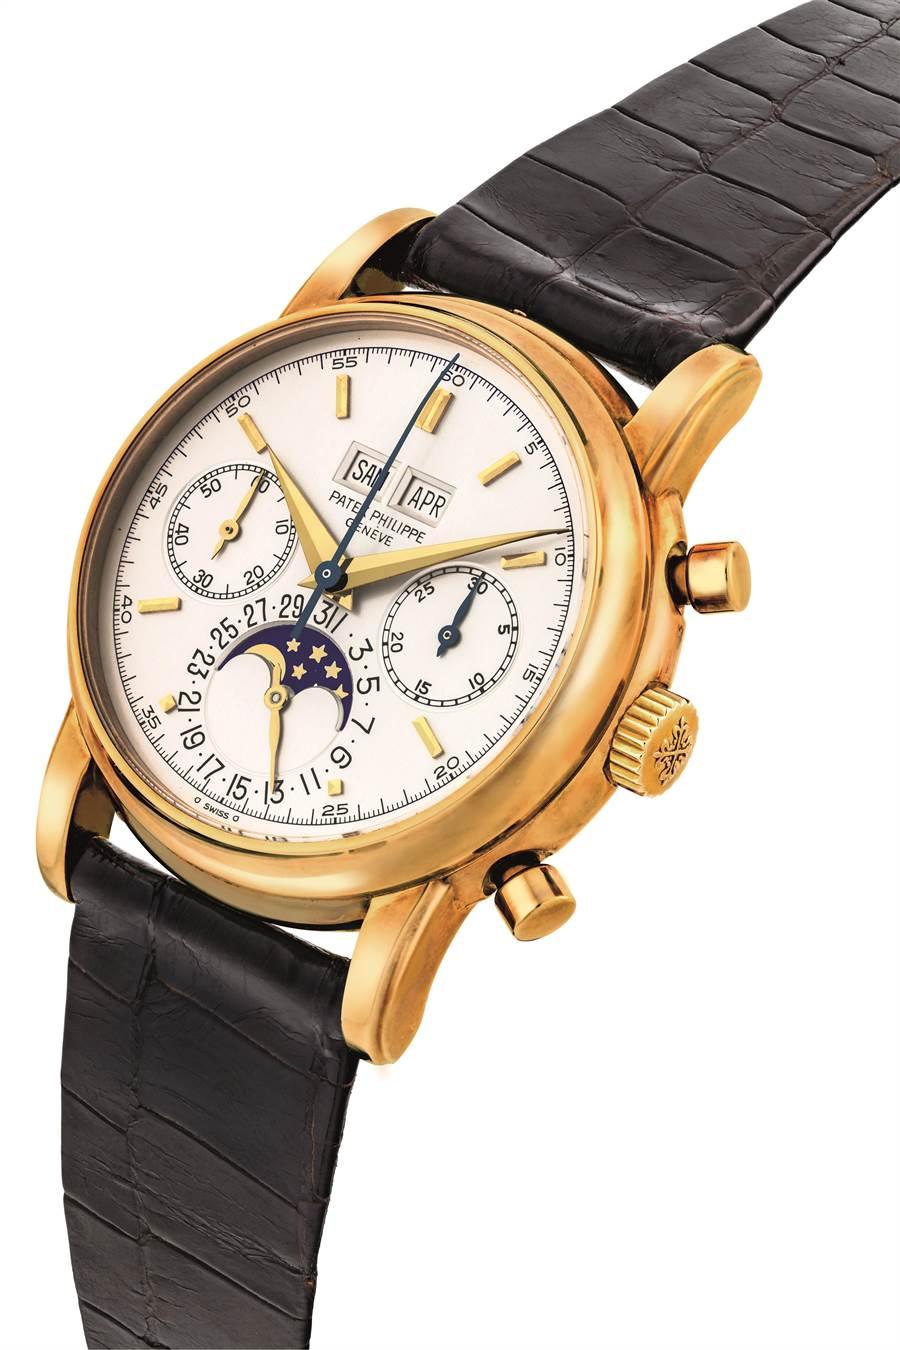 百達翡麗18K金型號2499萬年曆月相計時腕表,起拍價2100萬台幣,為鐘表類領拍之作。(Christie's提供)